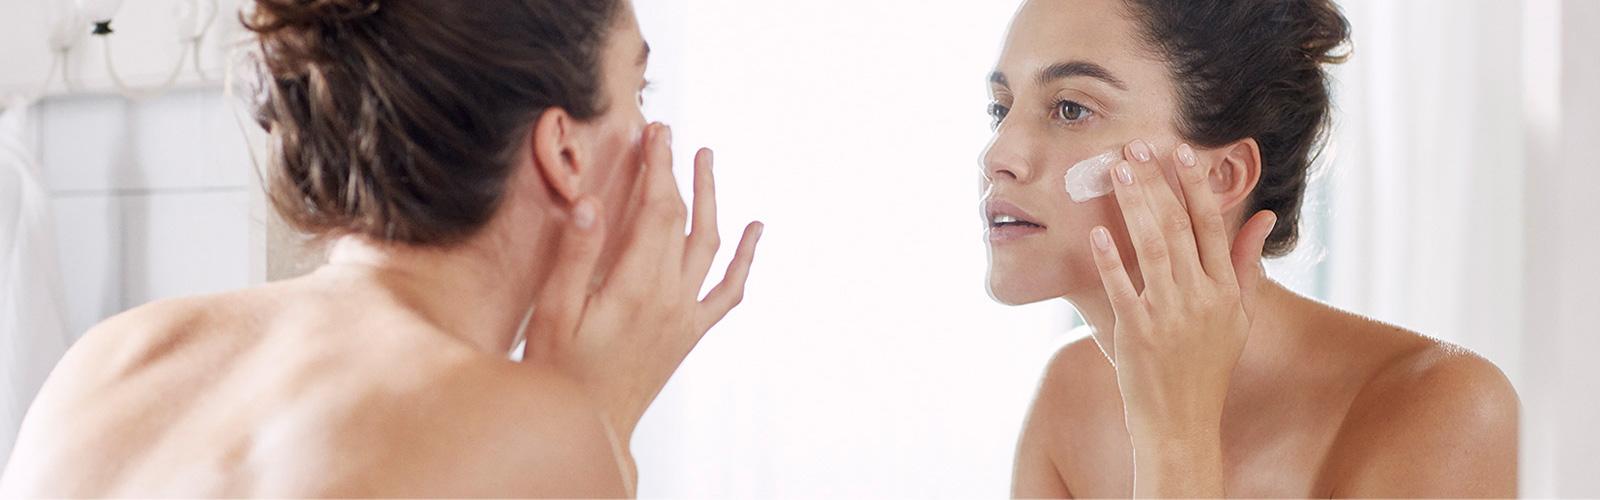 Donna che idrata il proprio viso